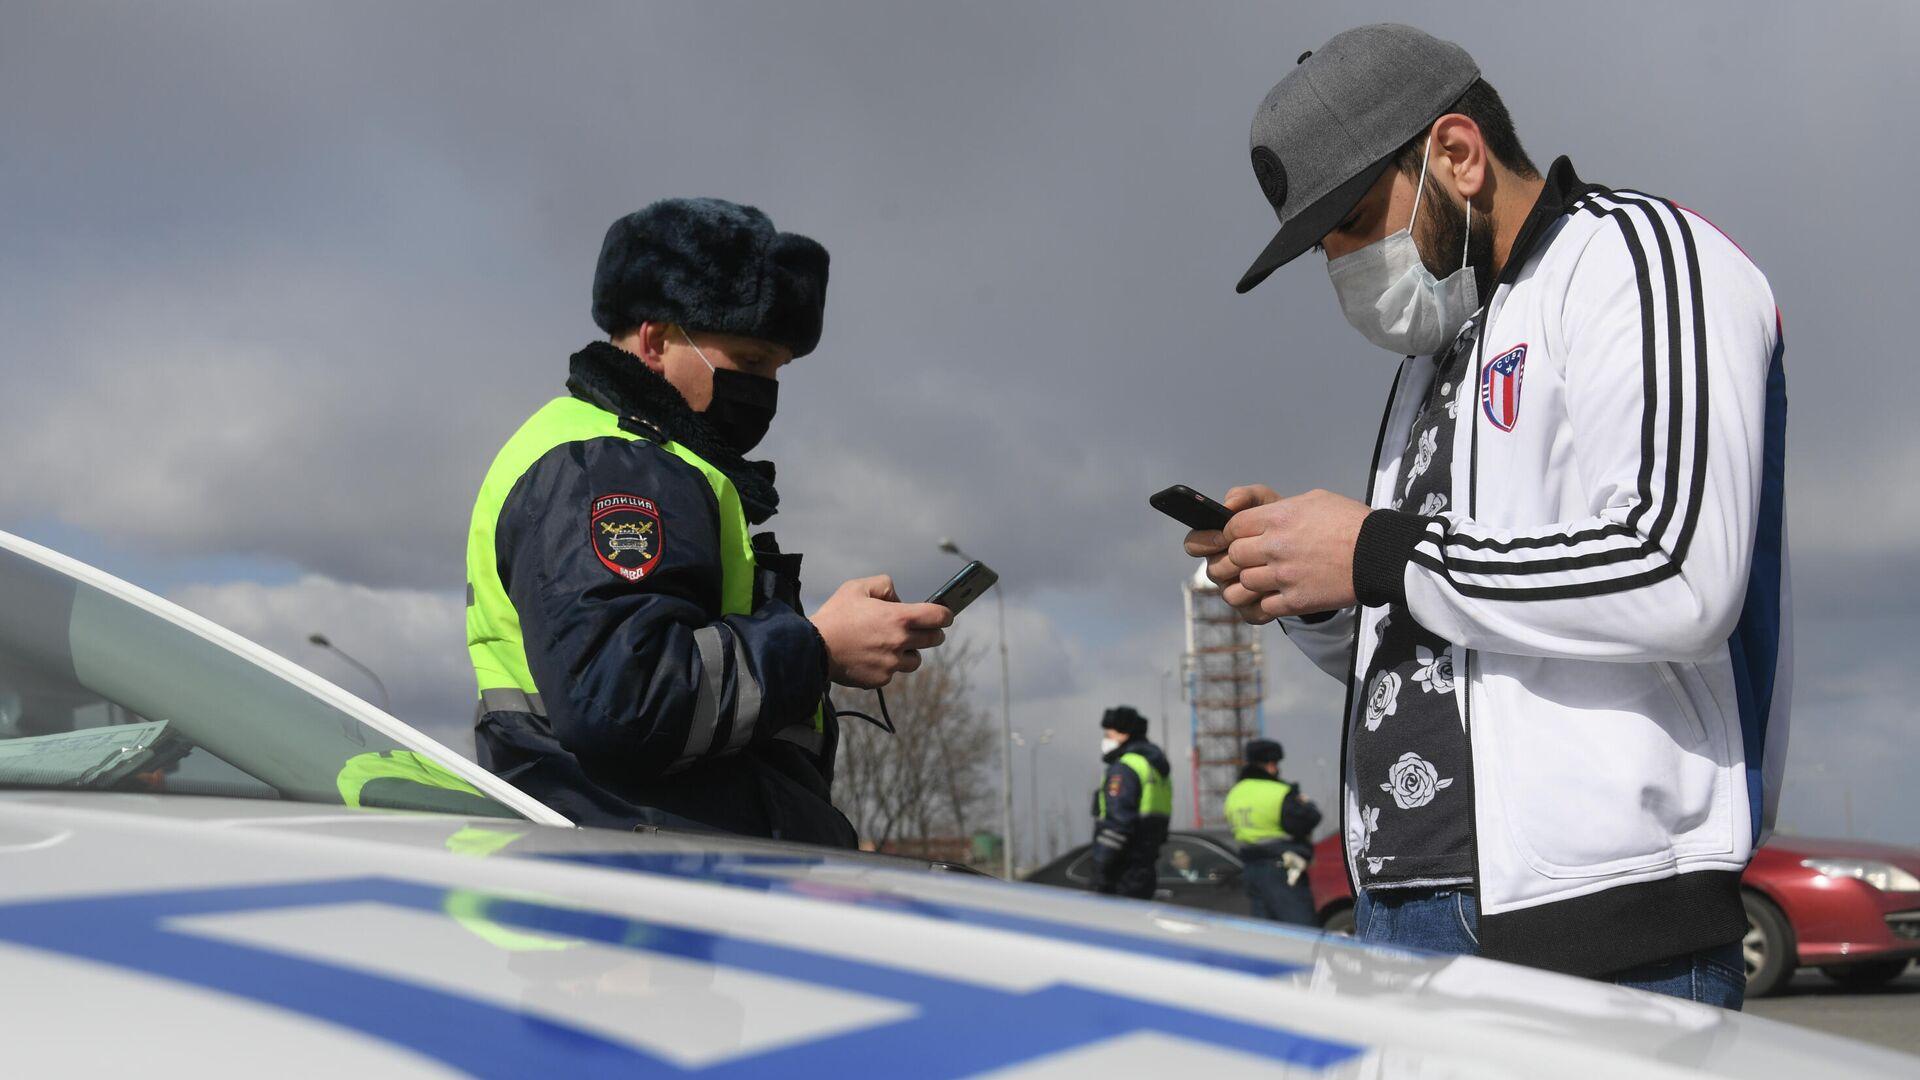 Инспектор дорожно-патрульной службы проверяет у водителя цифровой пропуск на передвижение по Москве - РИА Новости, 1920, 22.04.2020